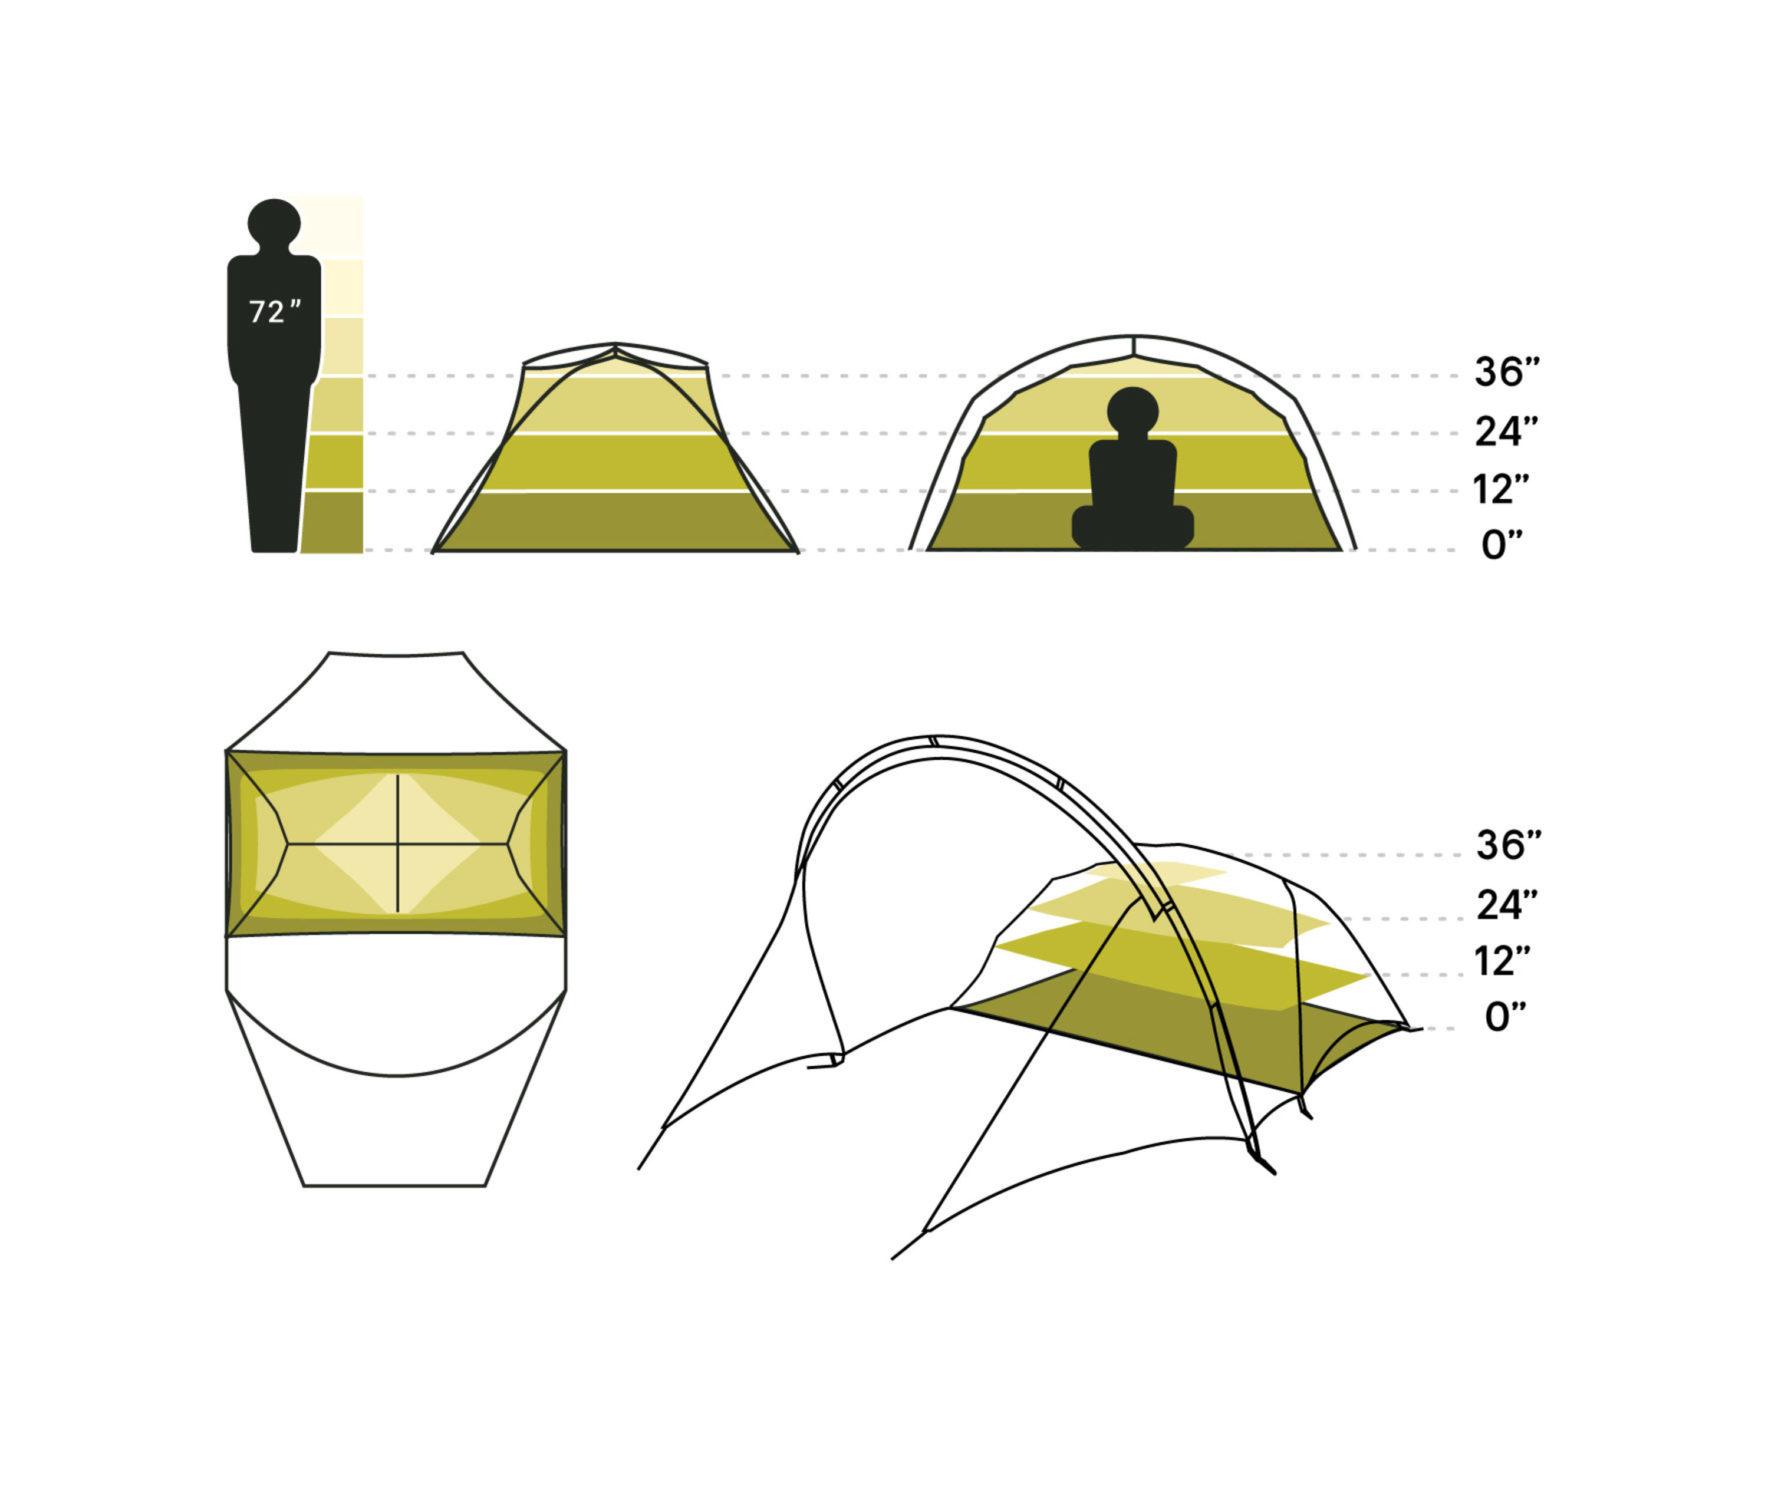 NEMO(ニーモ)から巨大な前室を持つミニマムなテントが発売されました「DAGGER PORCH TENT」10